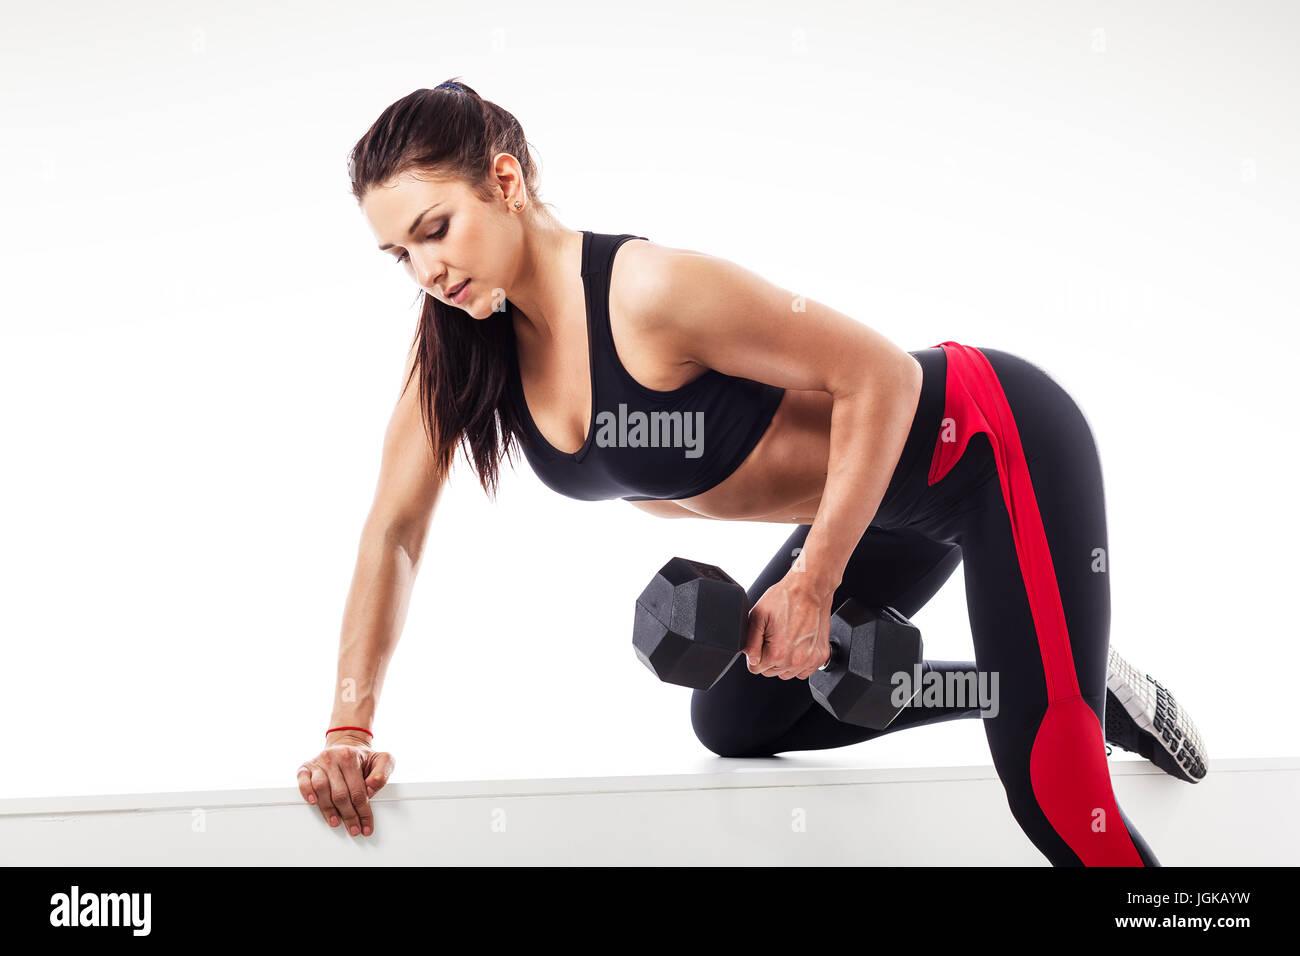 Jeune femme brune athlétique de faire un exercice avec un haltère sur le  biceps s appuyant sur un banc de sport sur un fond isolé blanc c6f3e72aafc